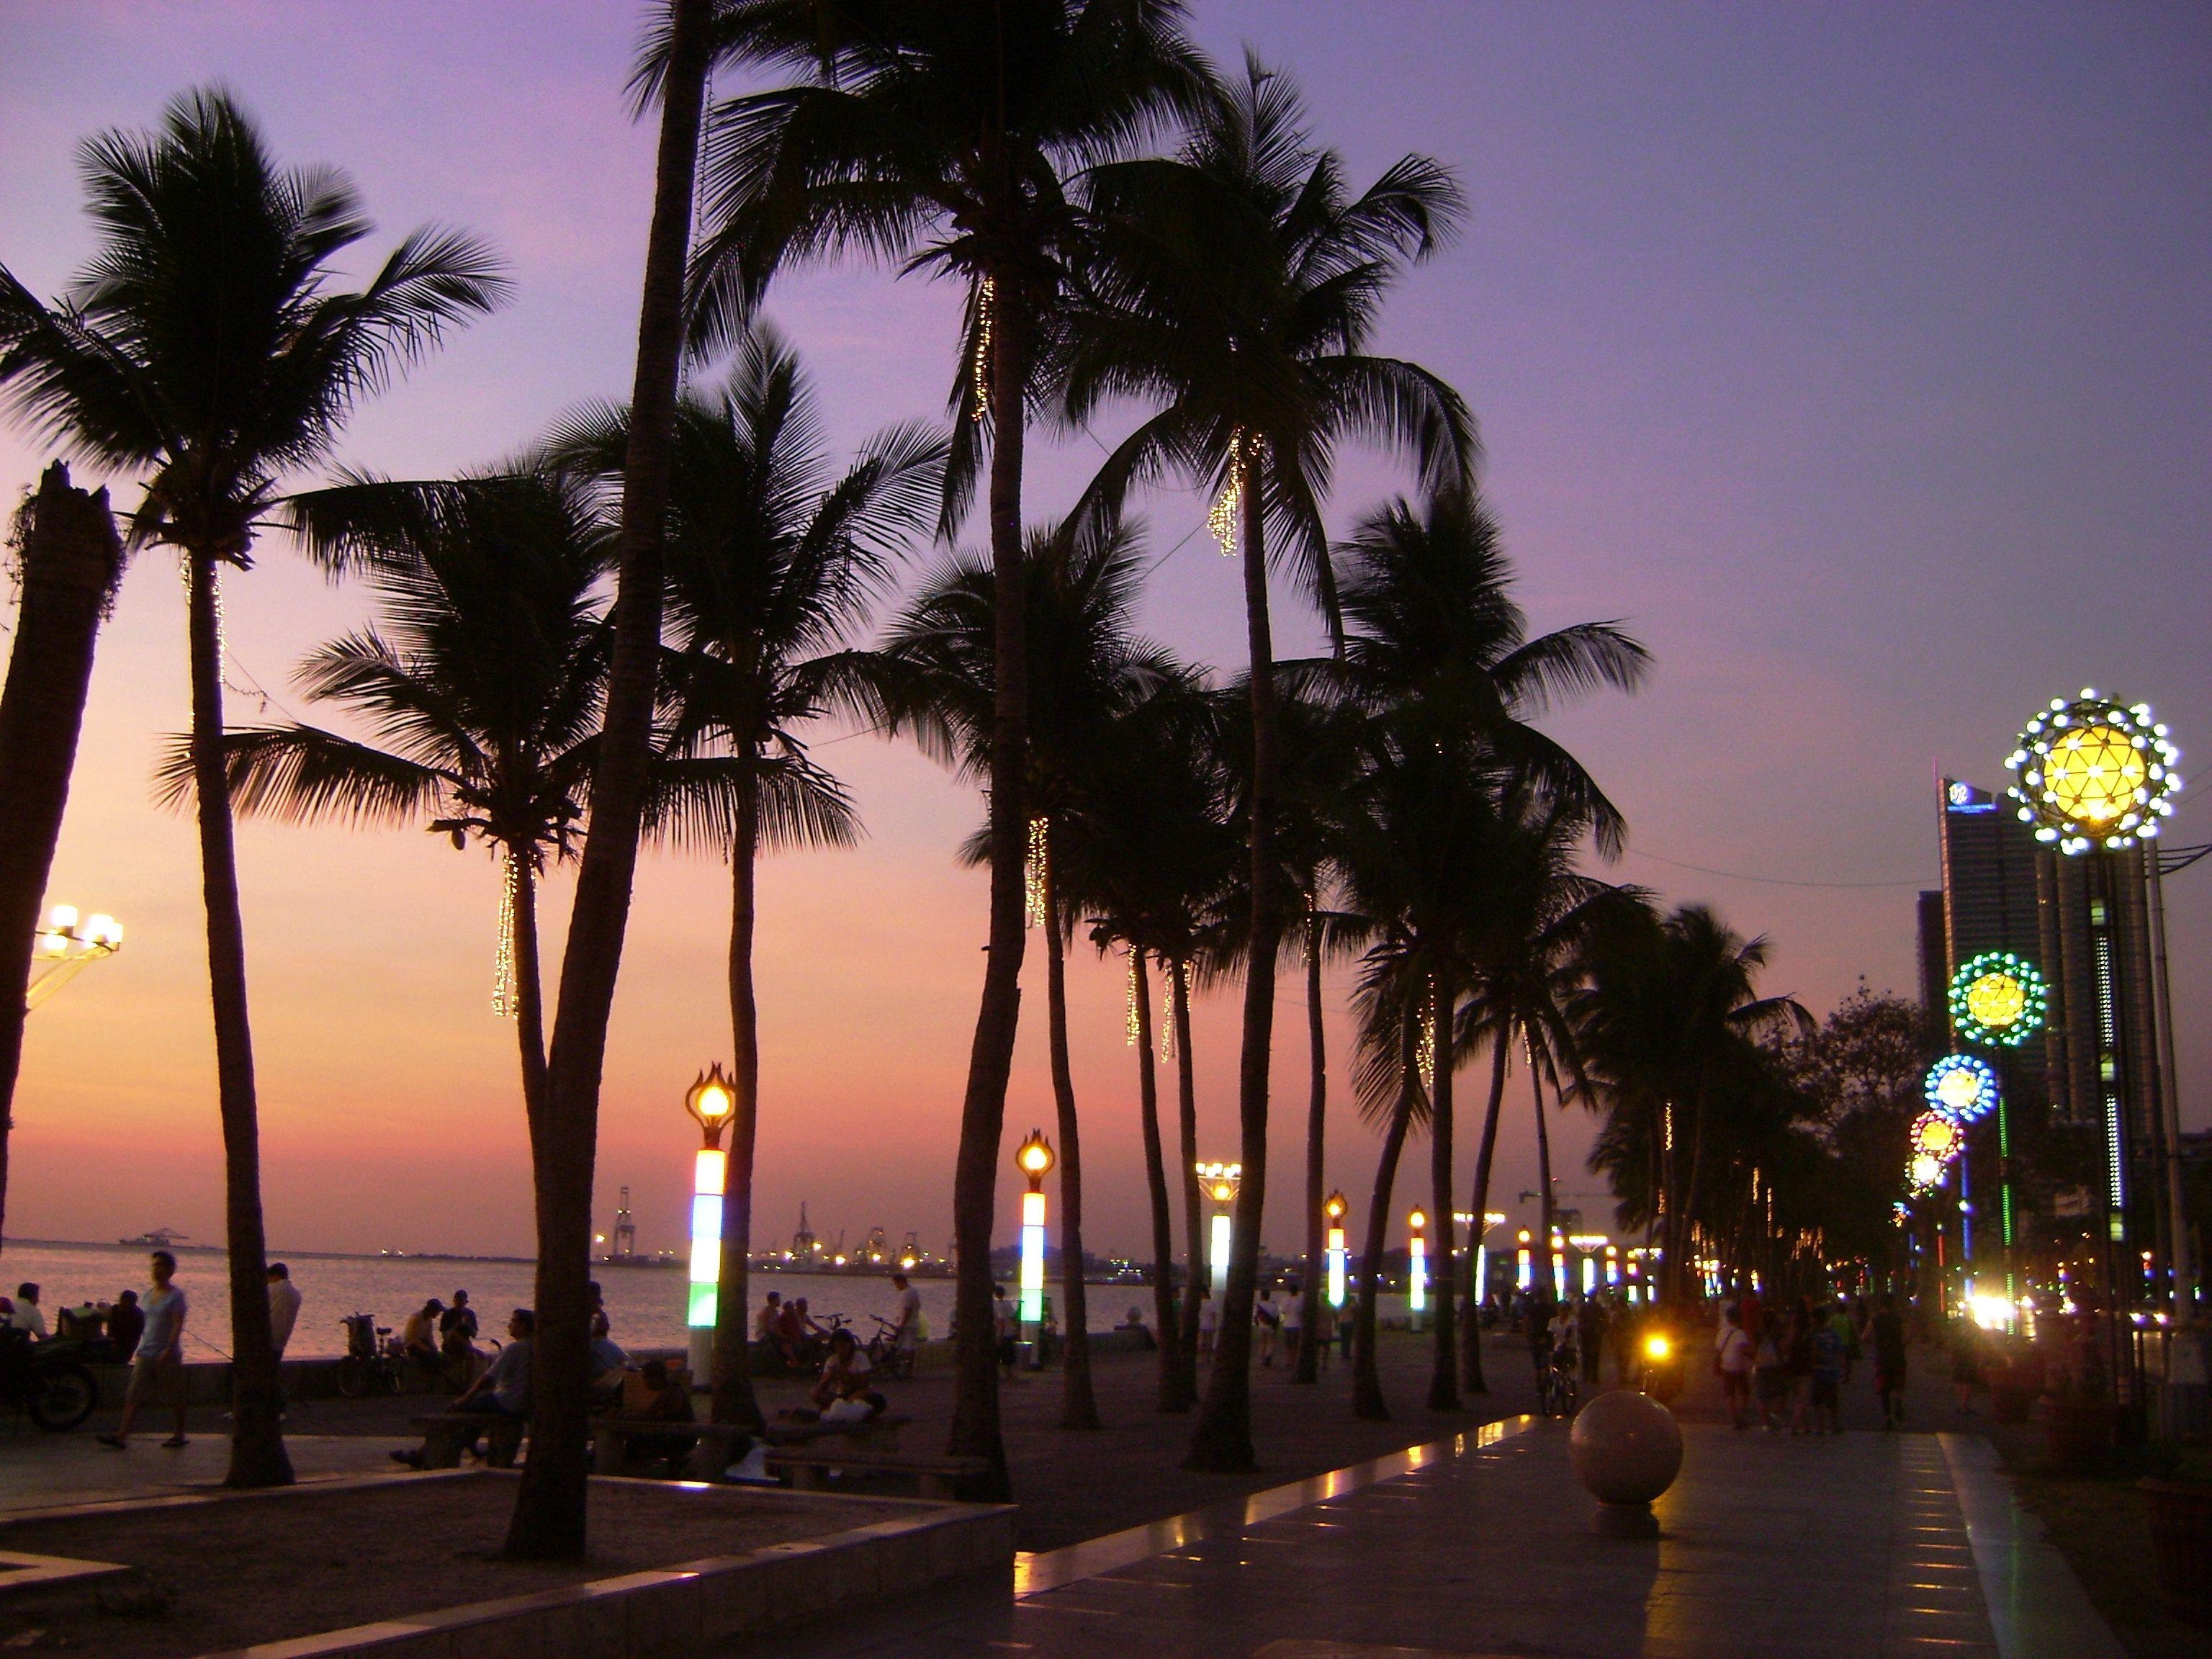 sunset at manila bay, philippines...always mesmerizing!